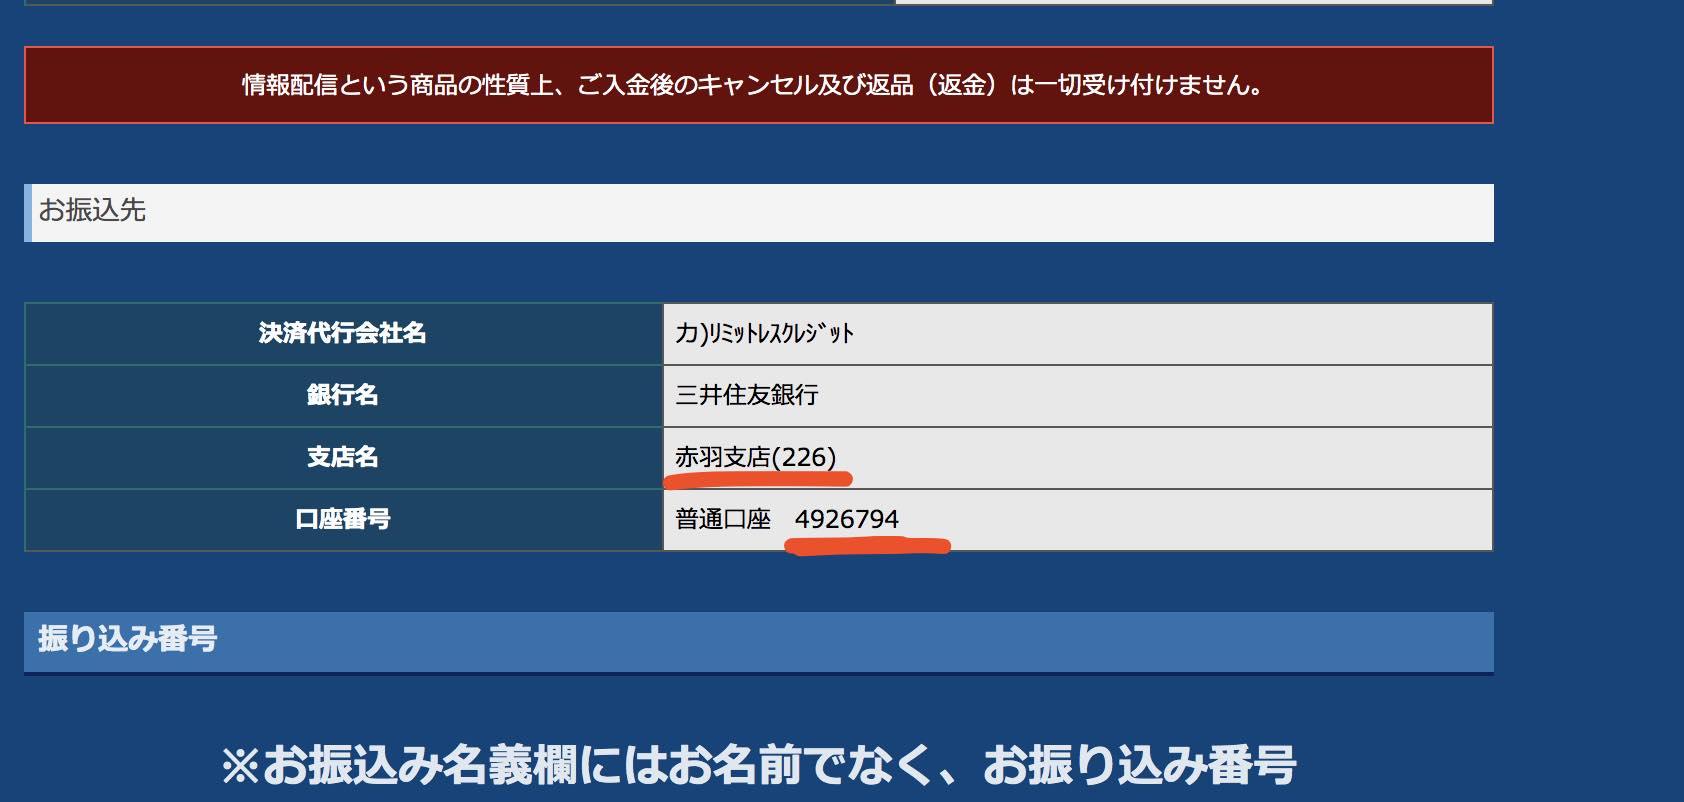 JBAという競艇予想サイトの振込先口座番号がいつものトコ